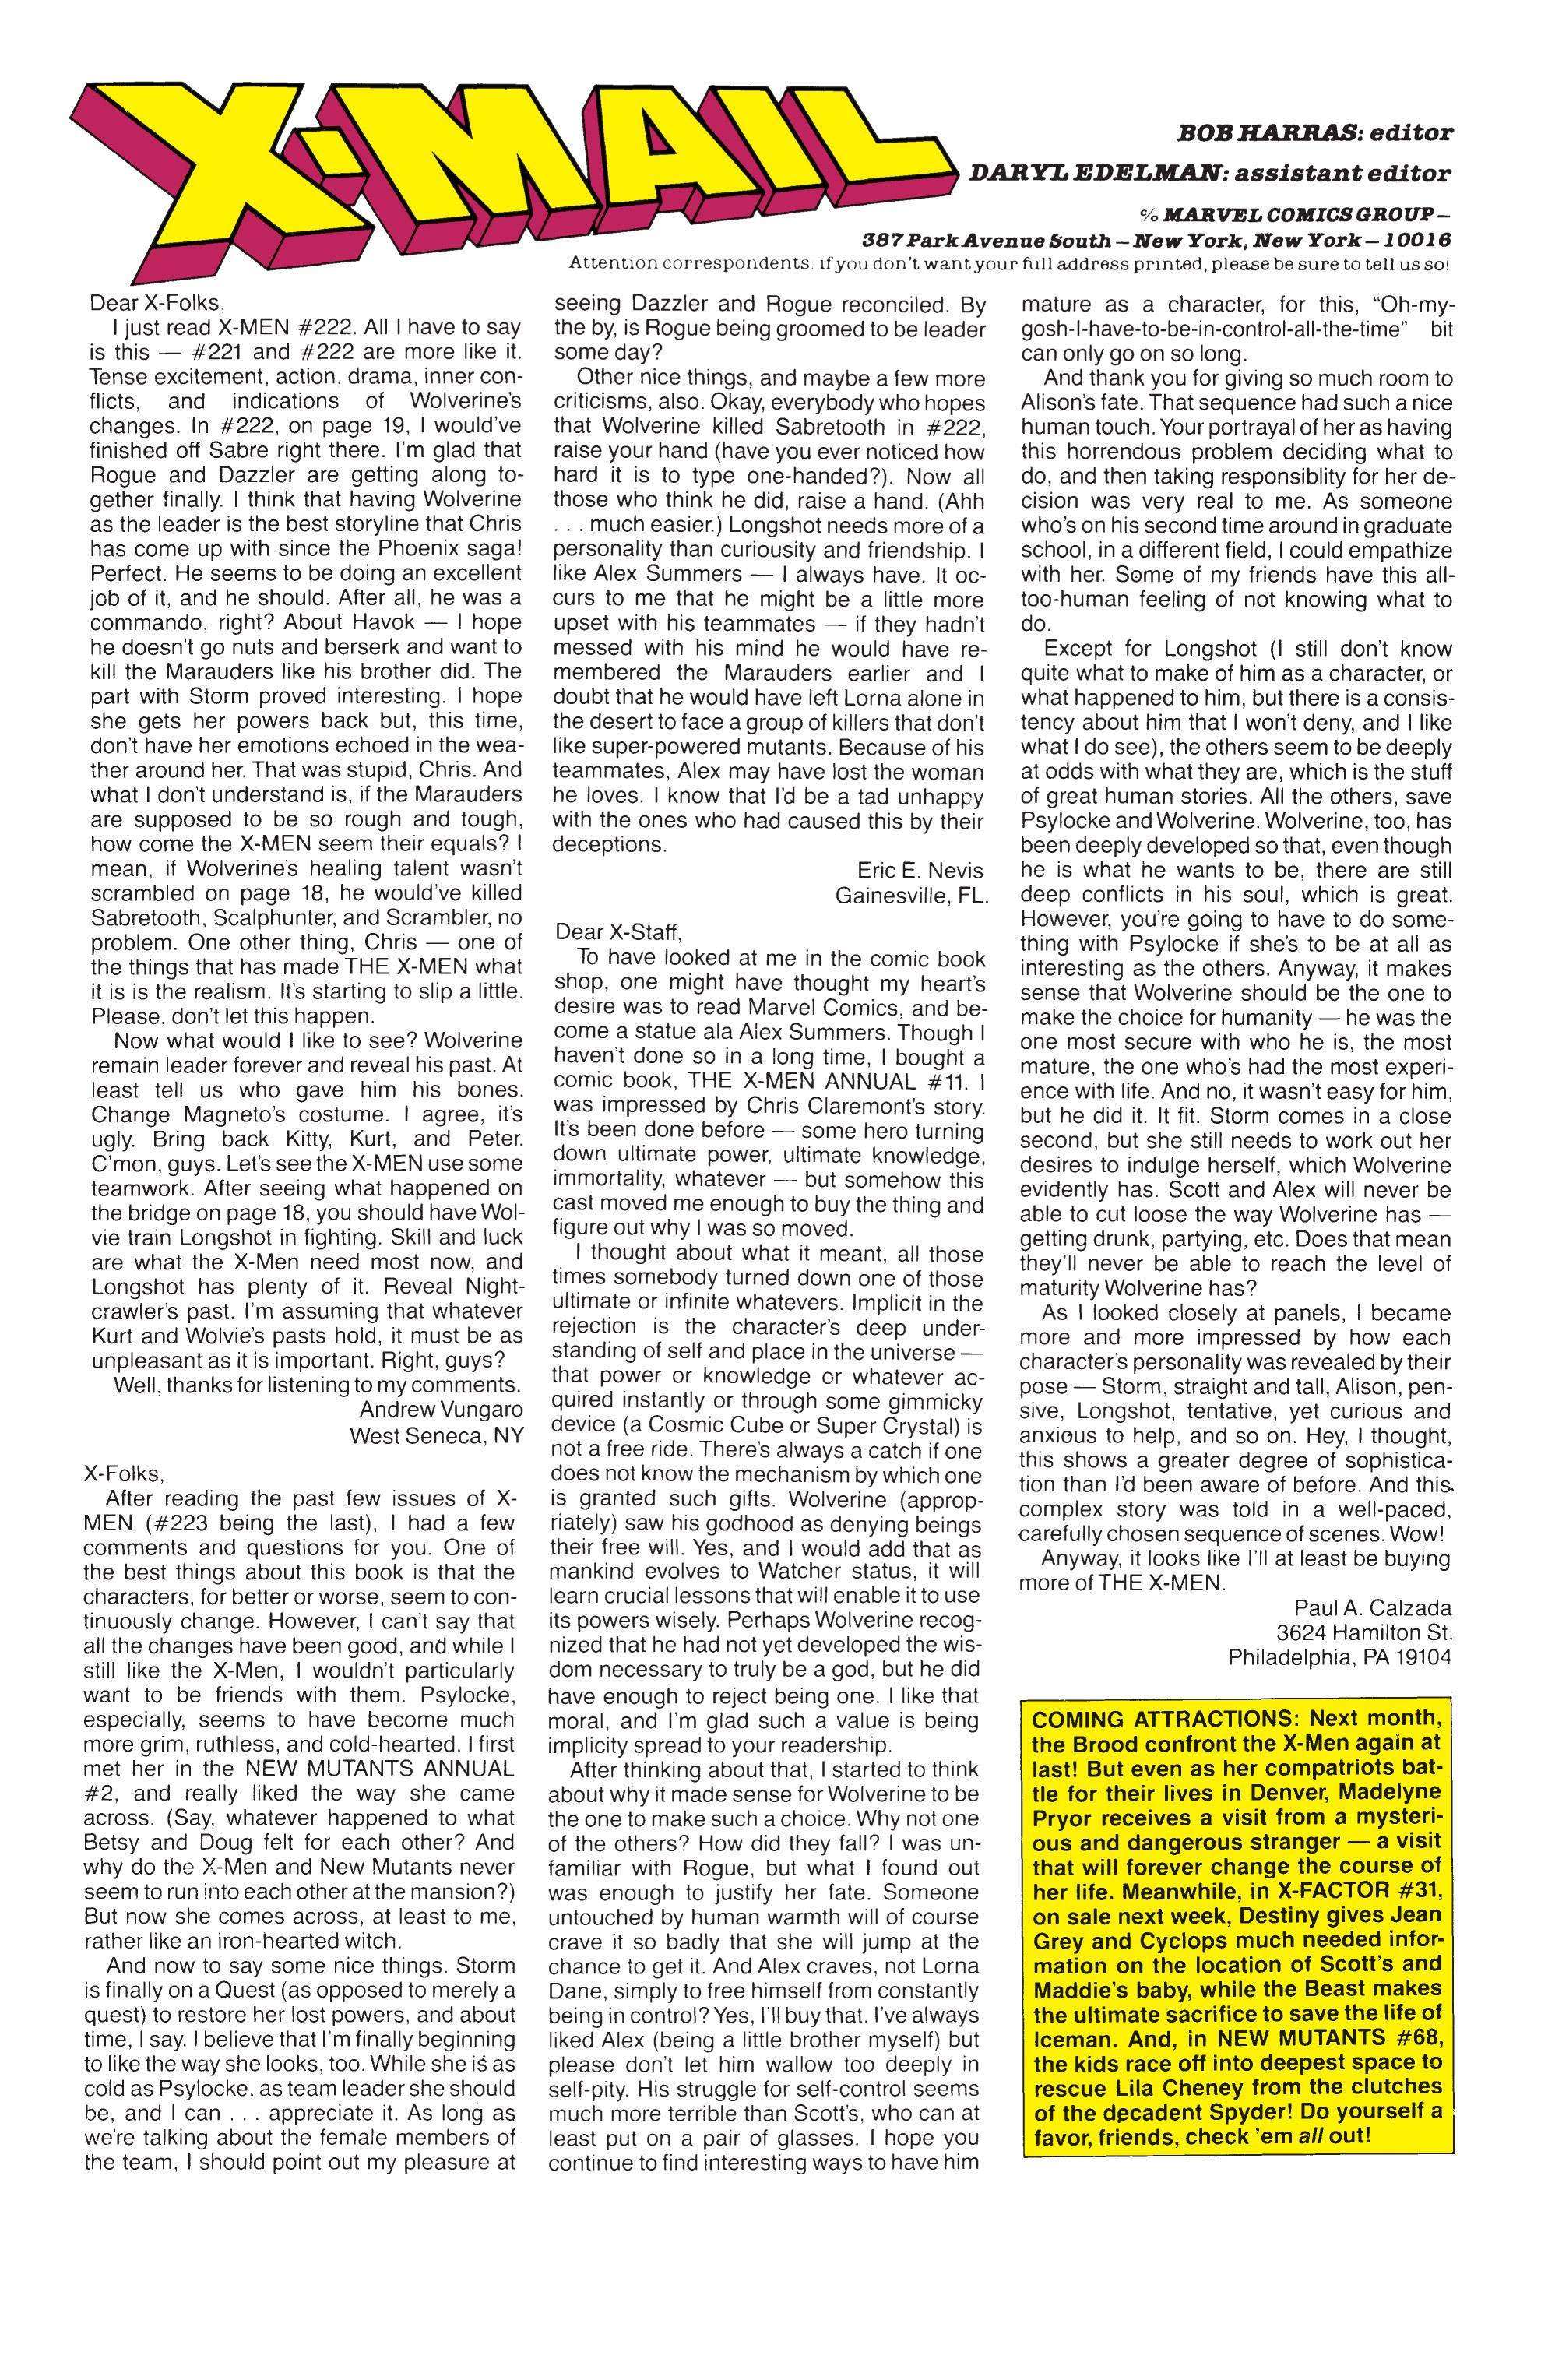 Read online Uncanny X-Men (1963) comic -  Issue #232 - 24